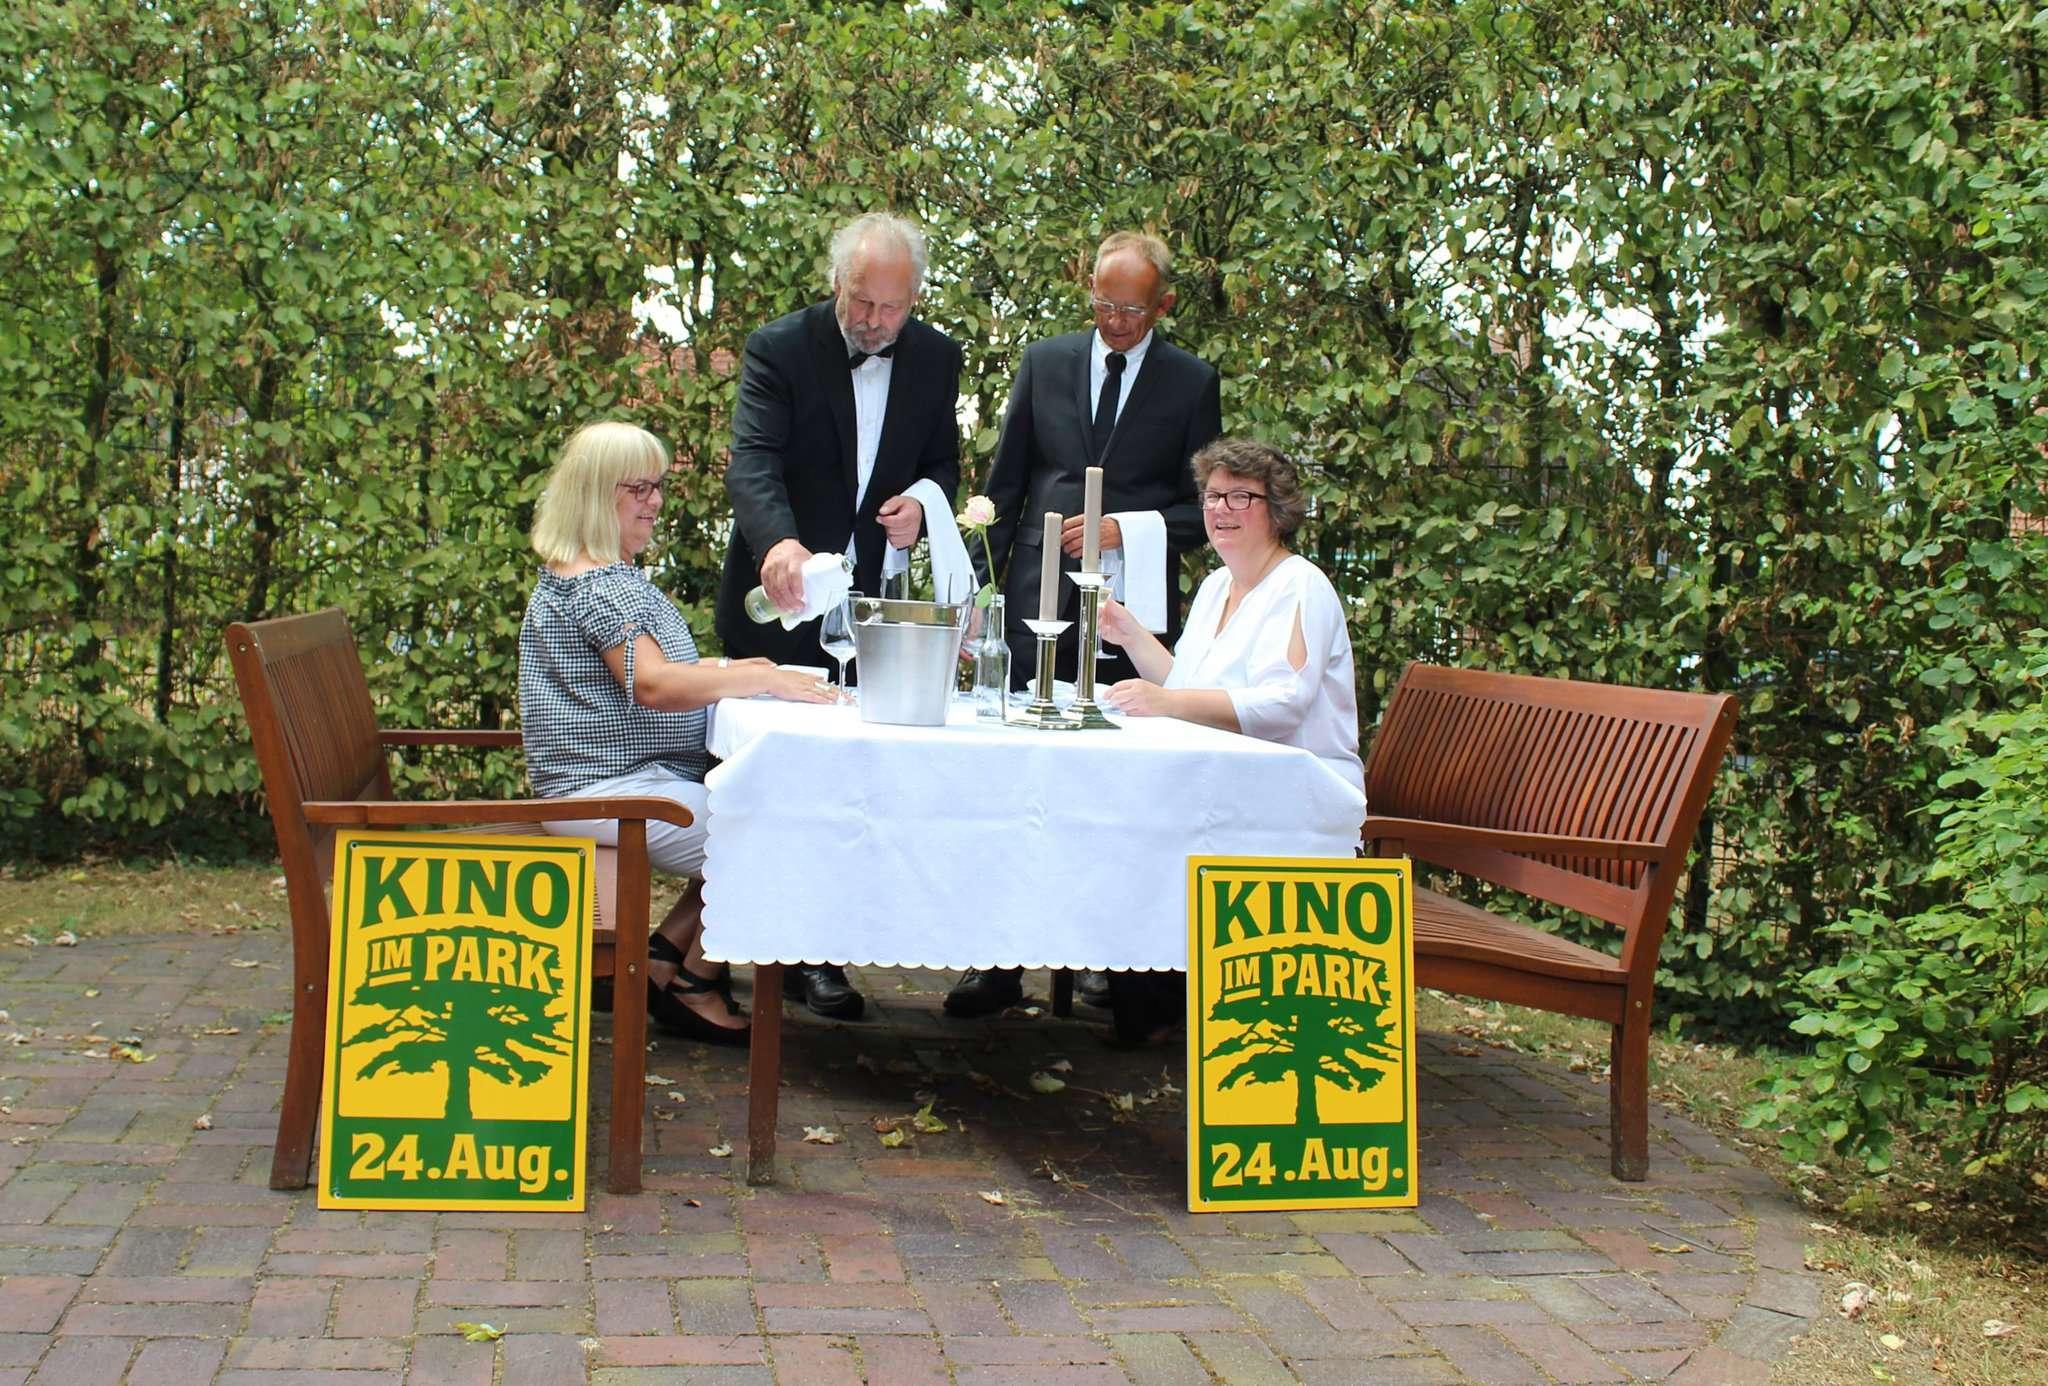 Karola Hoffmann (von links), Rainer Schild, Manfred Lieder und Anja Schouten lassen sich immer einiges für das Open-Air-Kino im Amtsvogteipark einfallen. Foto: Ann-Christin Beims